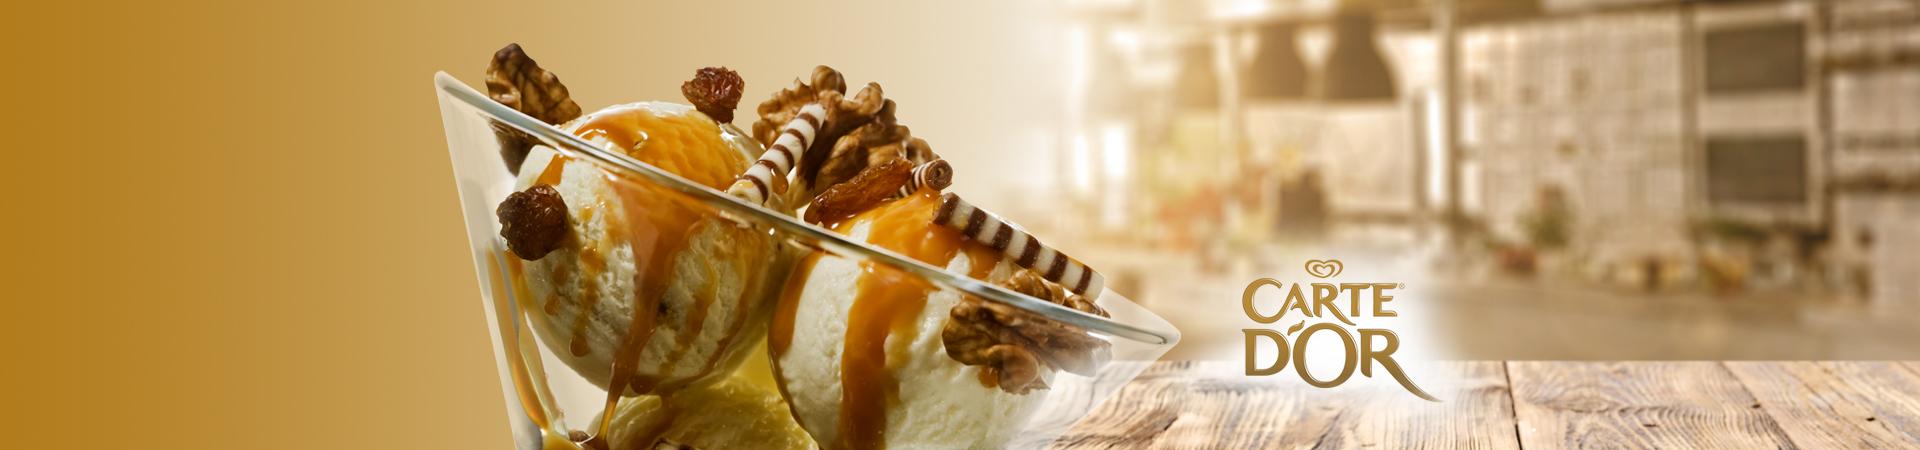 Karamelize Edilmiş Elma ile Vanilyalı Carte d'Or